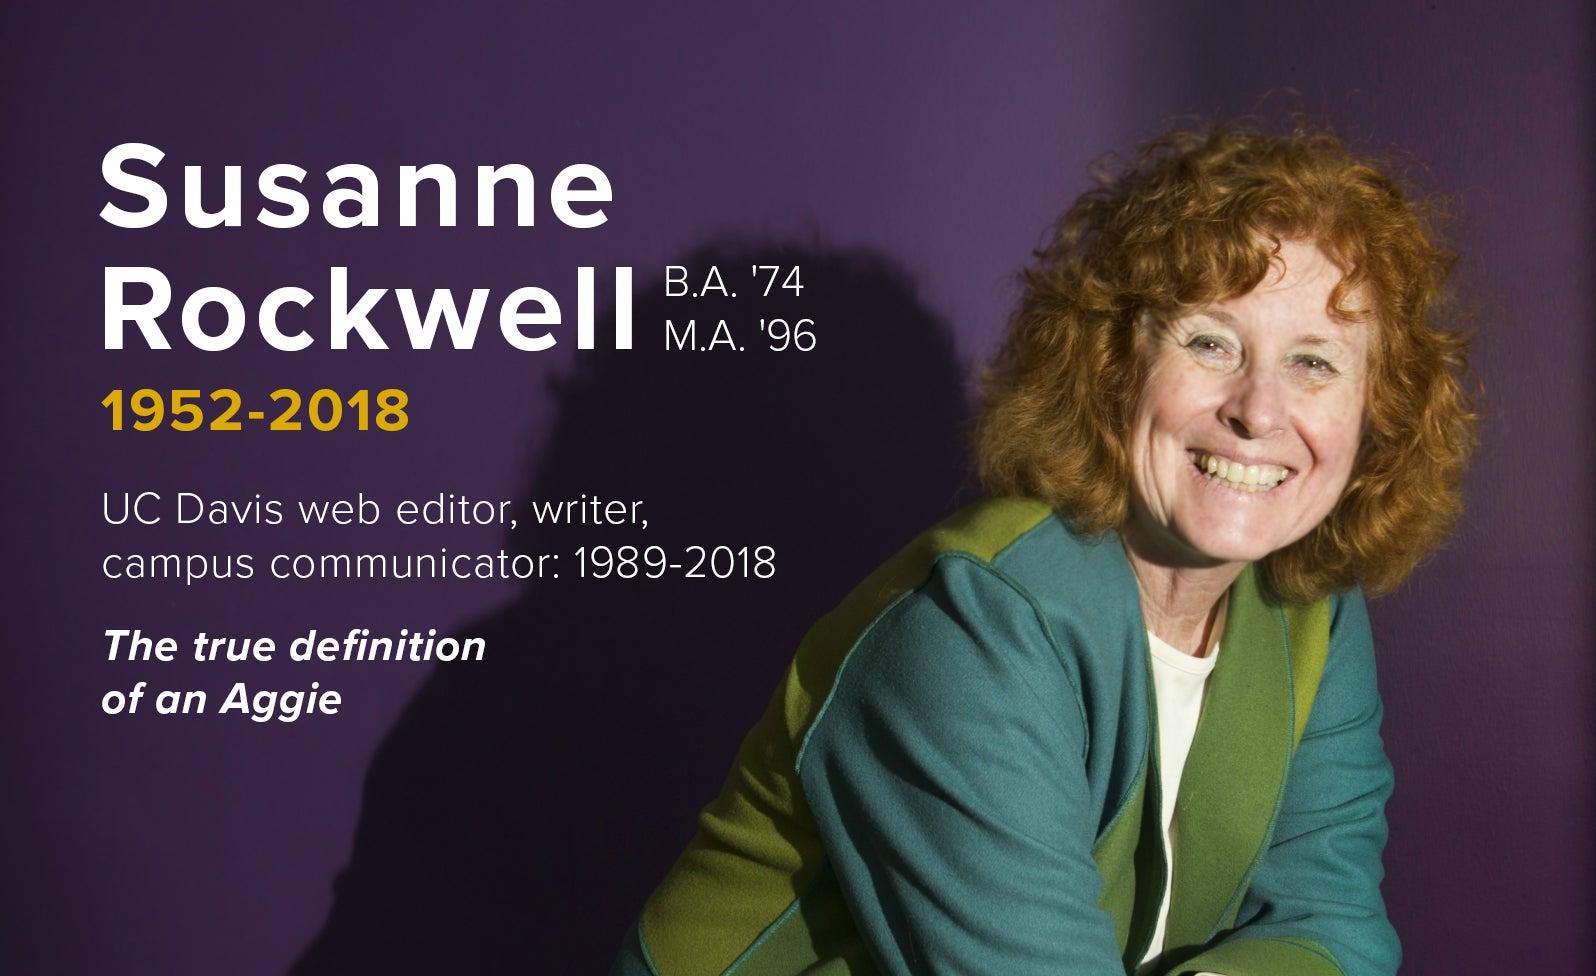 Susanne Rockwell